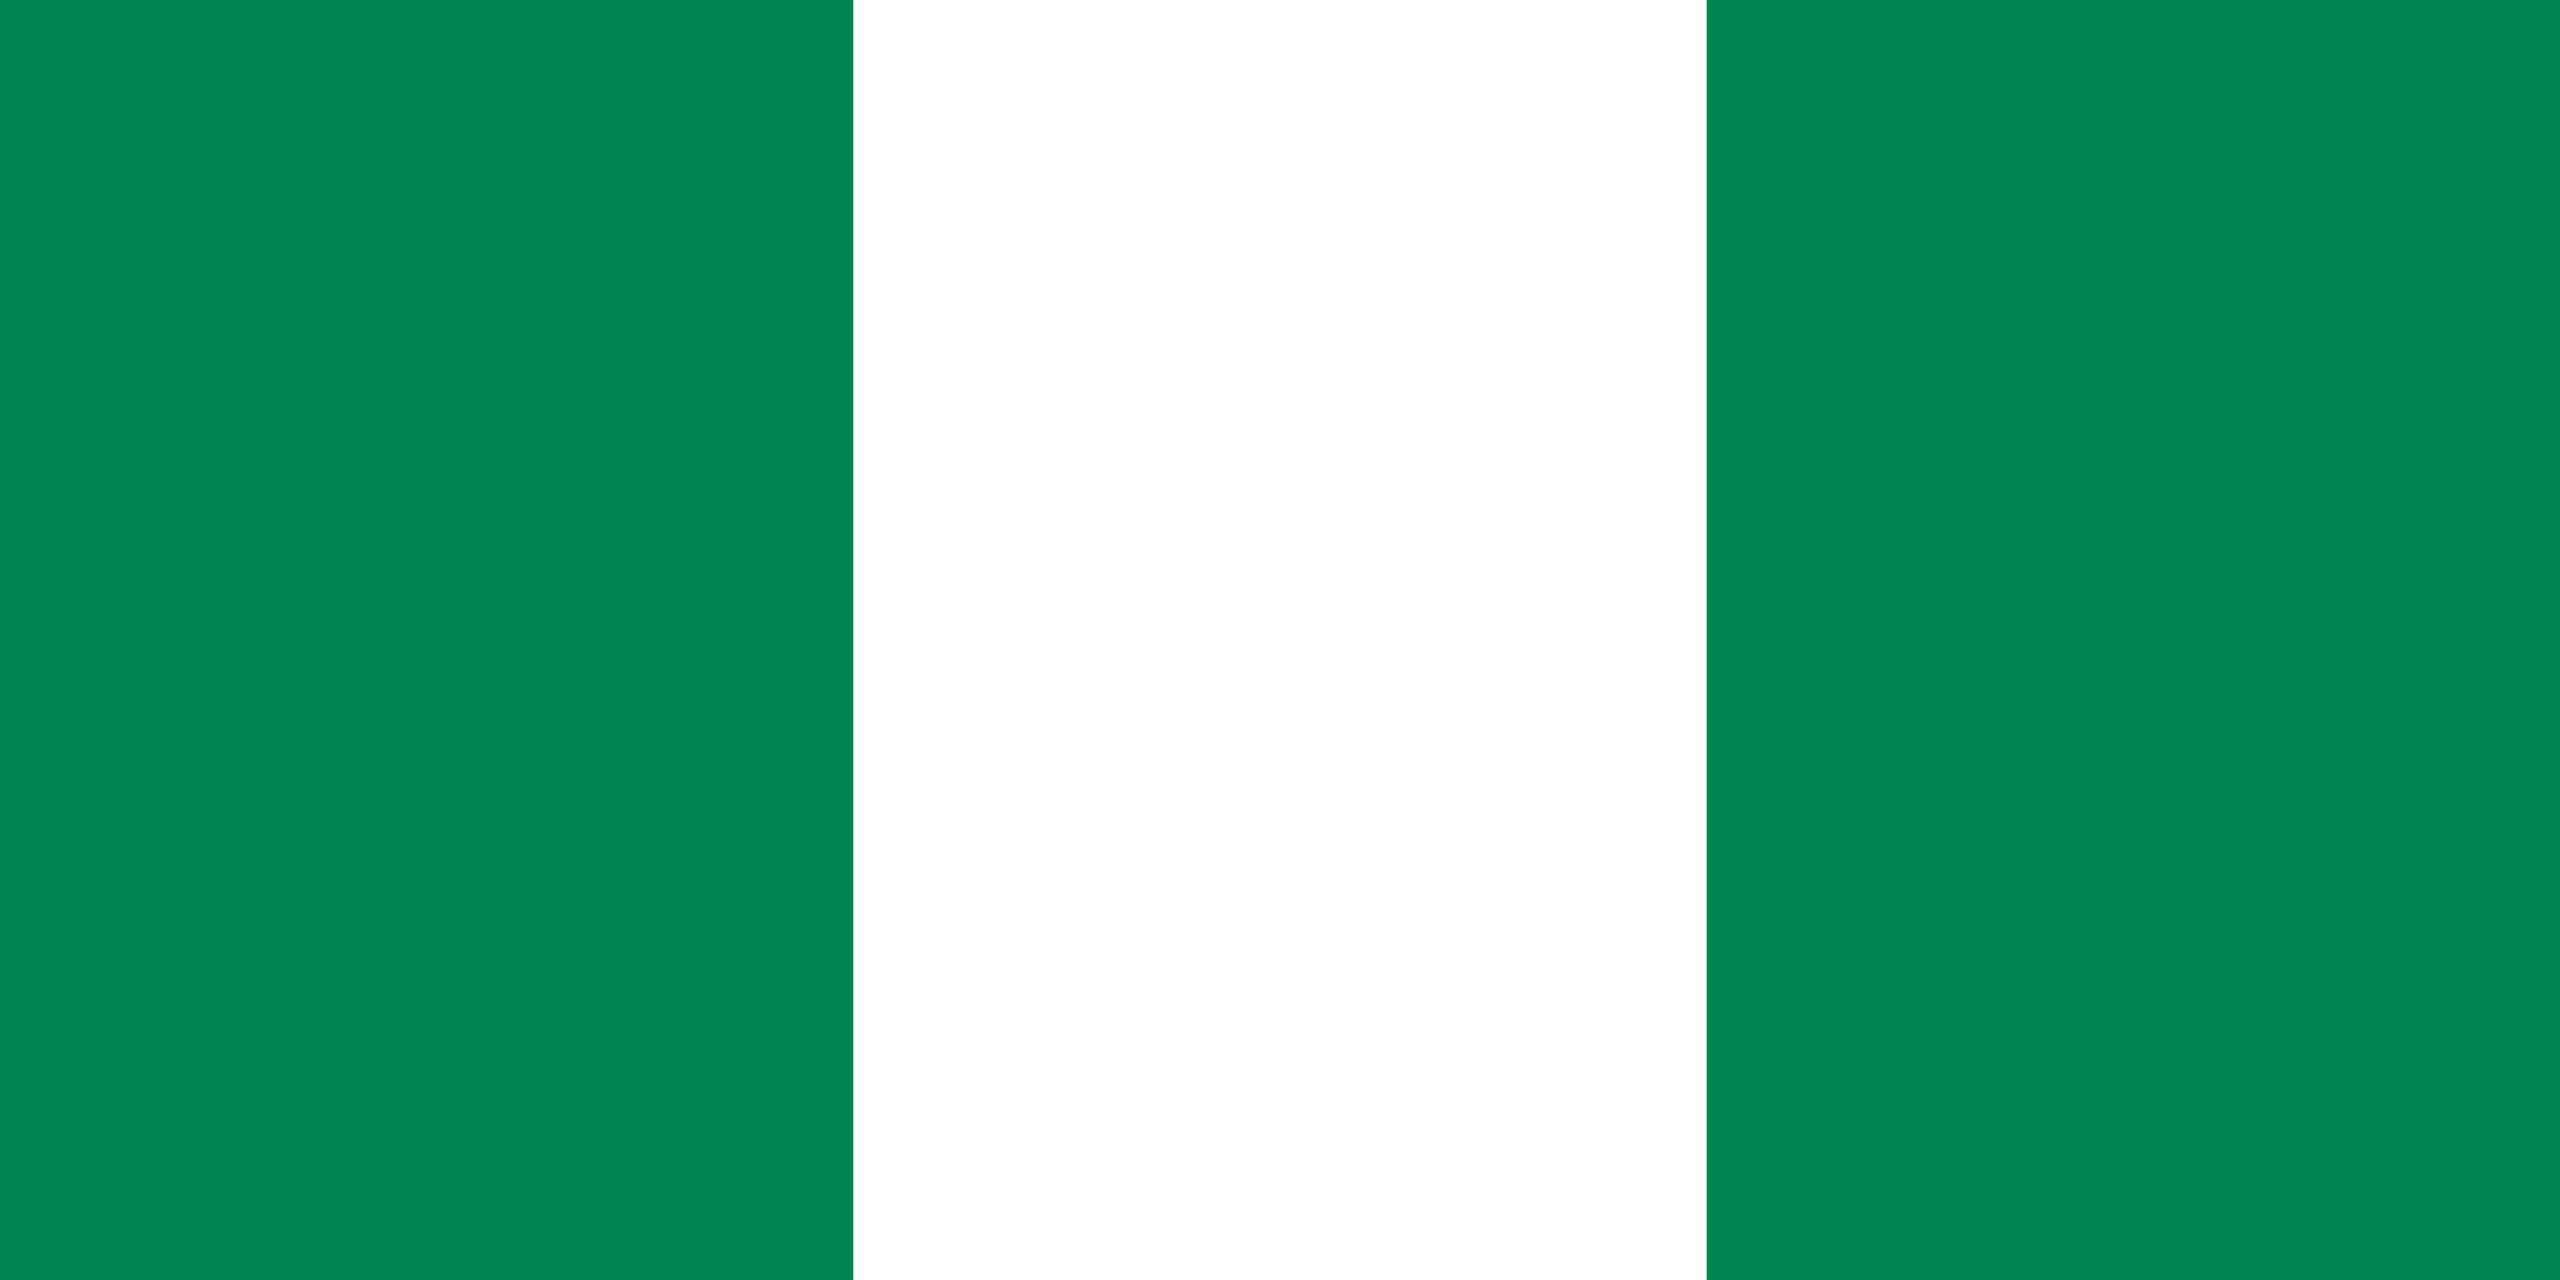 ¿Cuál es la moneda de Nigeria?